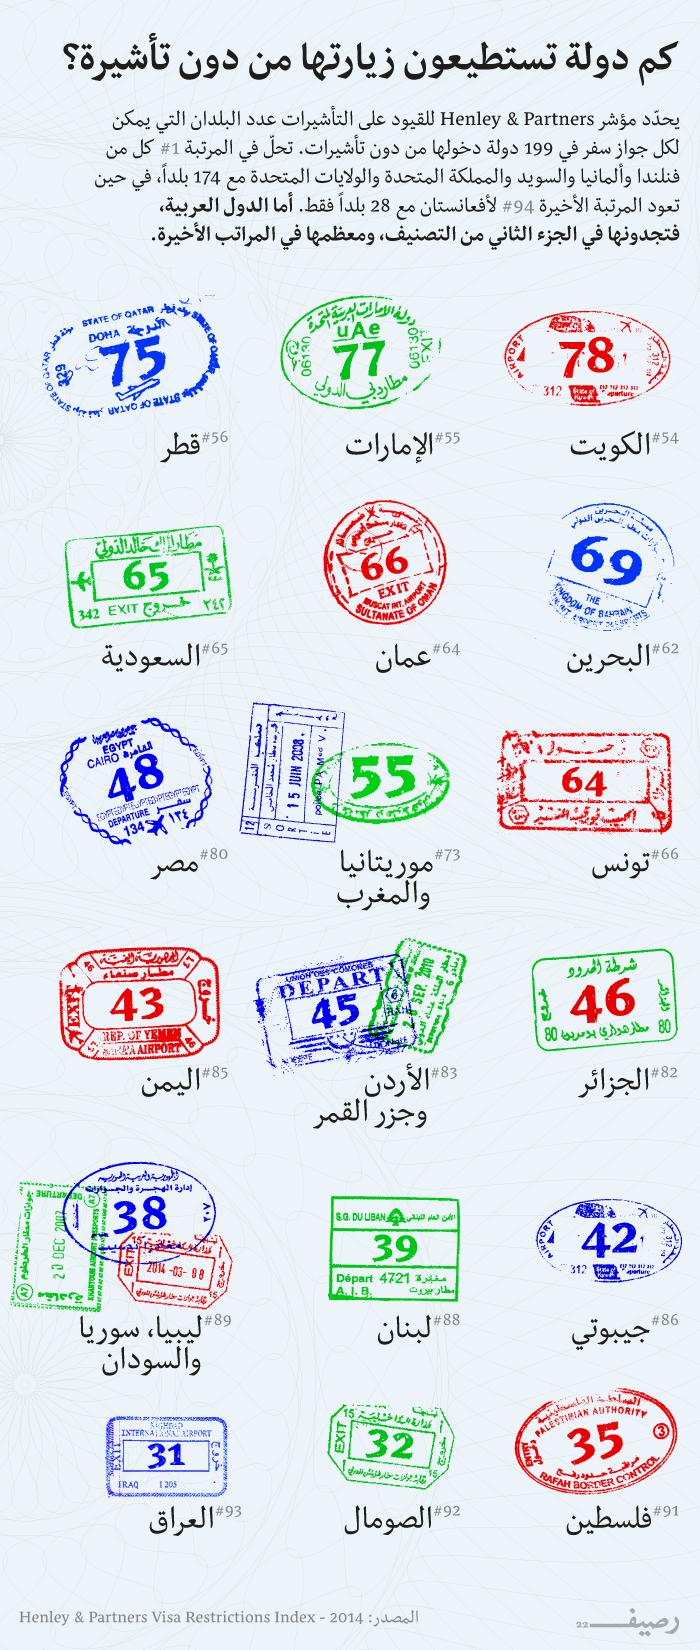 جوازات السفر العربية  .. أي دولة عربية تمنح مواطنيها أفضل جواز سفر؟